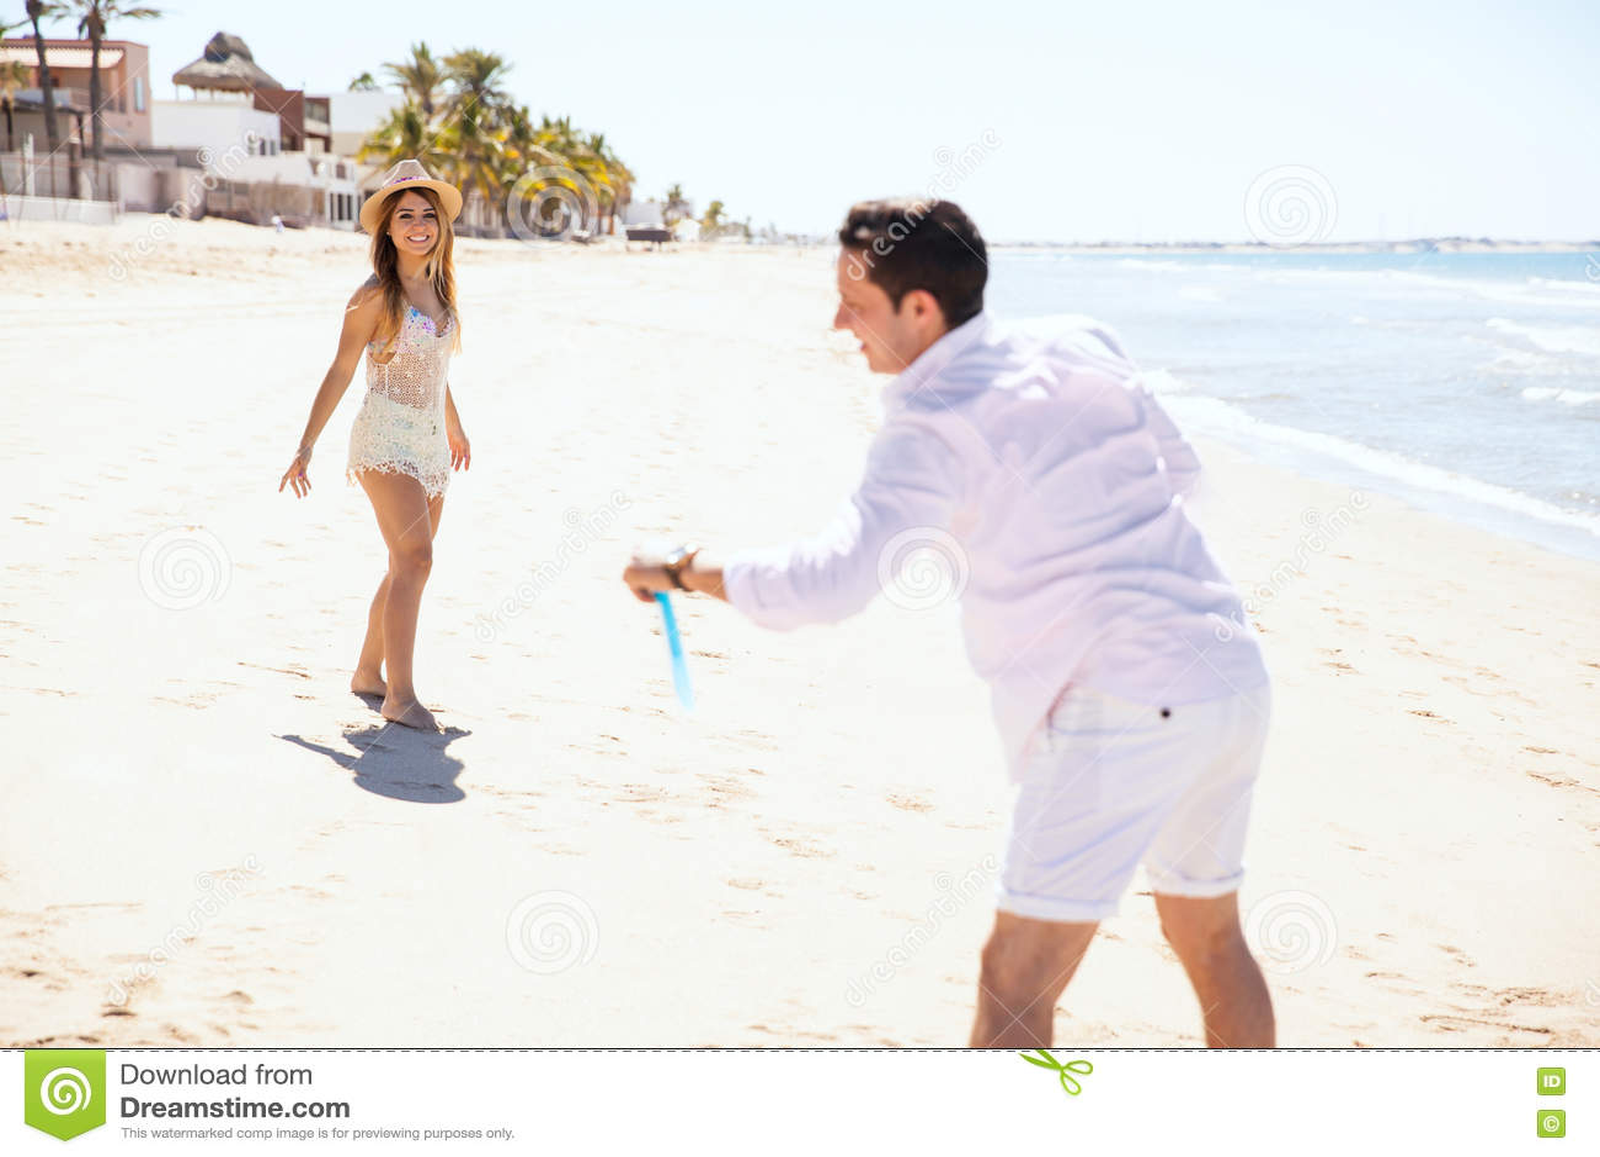 Giocando con un disco di volo alla spiaggia